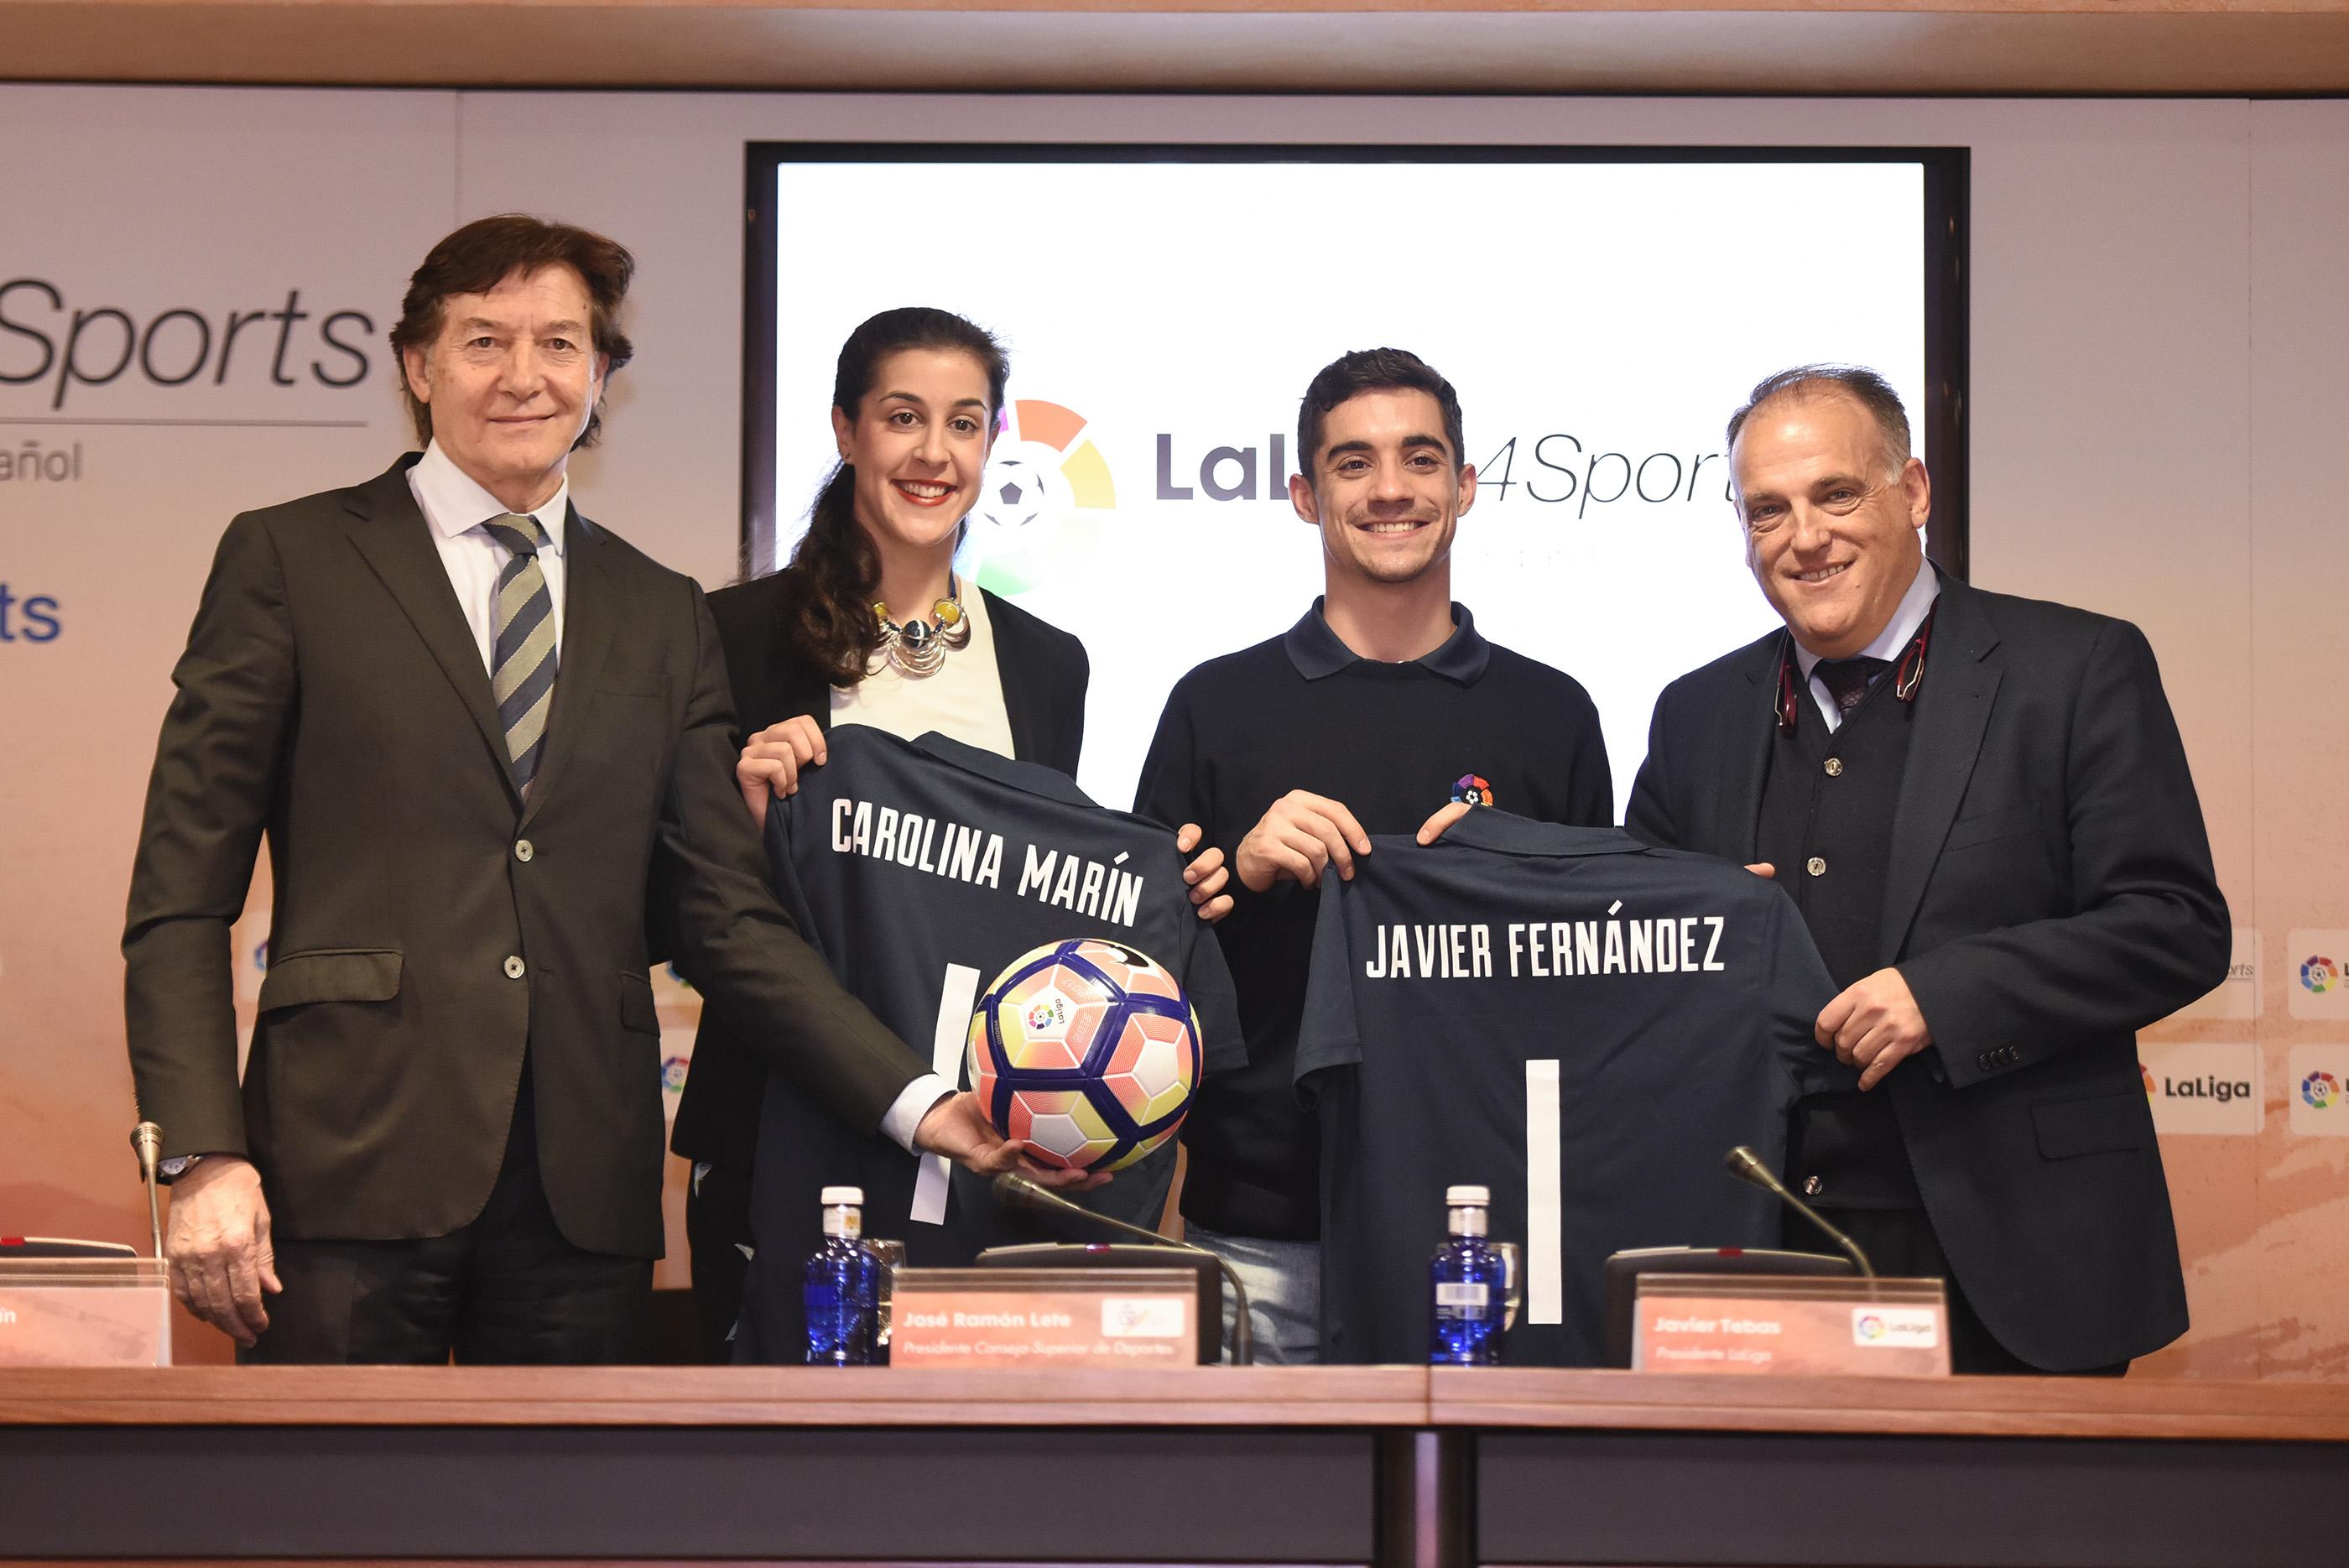 Carolina Marín y Javier Fernández posan con sus camisetas de LaLiga. Fuente: CSD